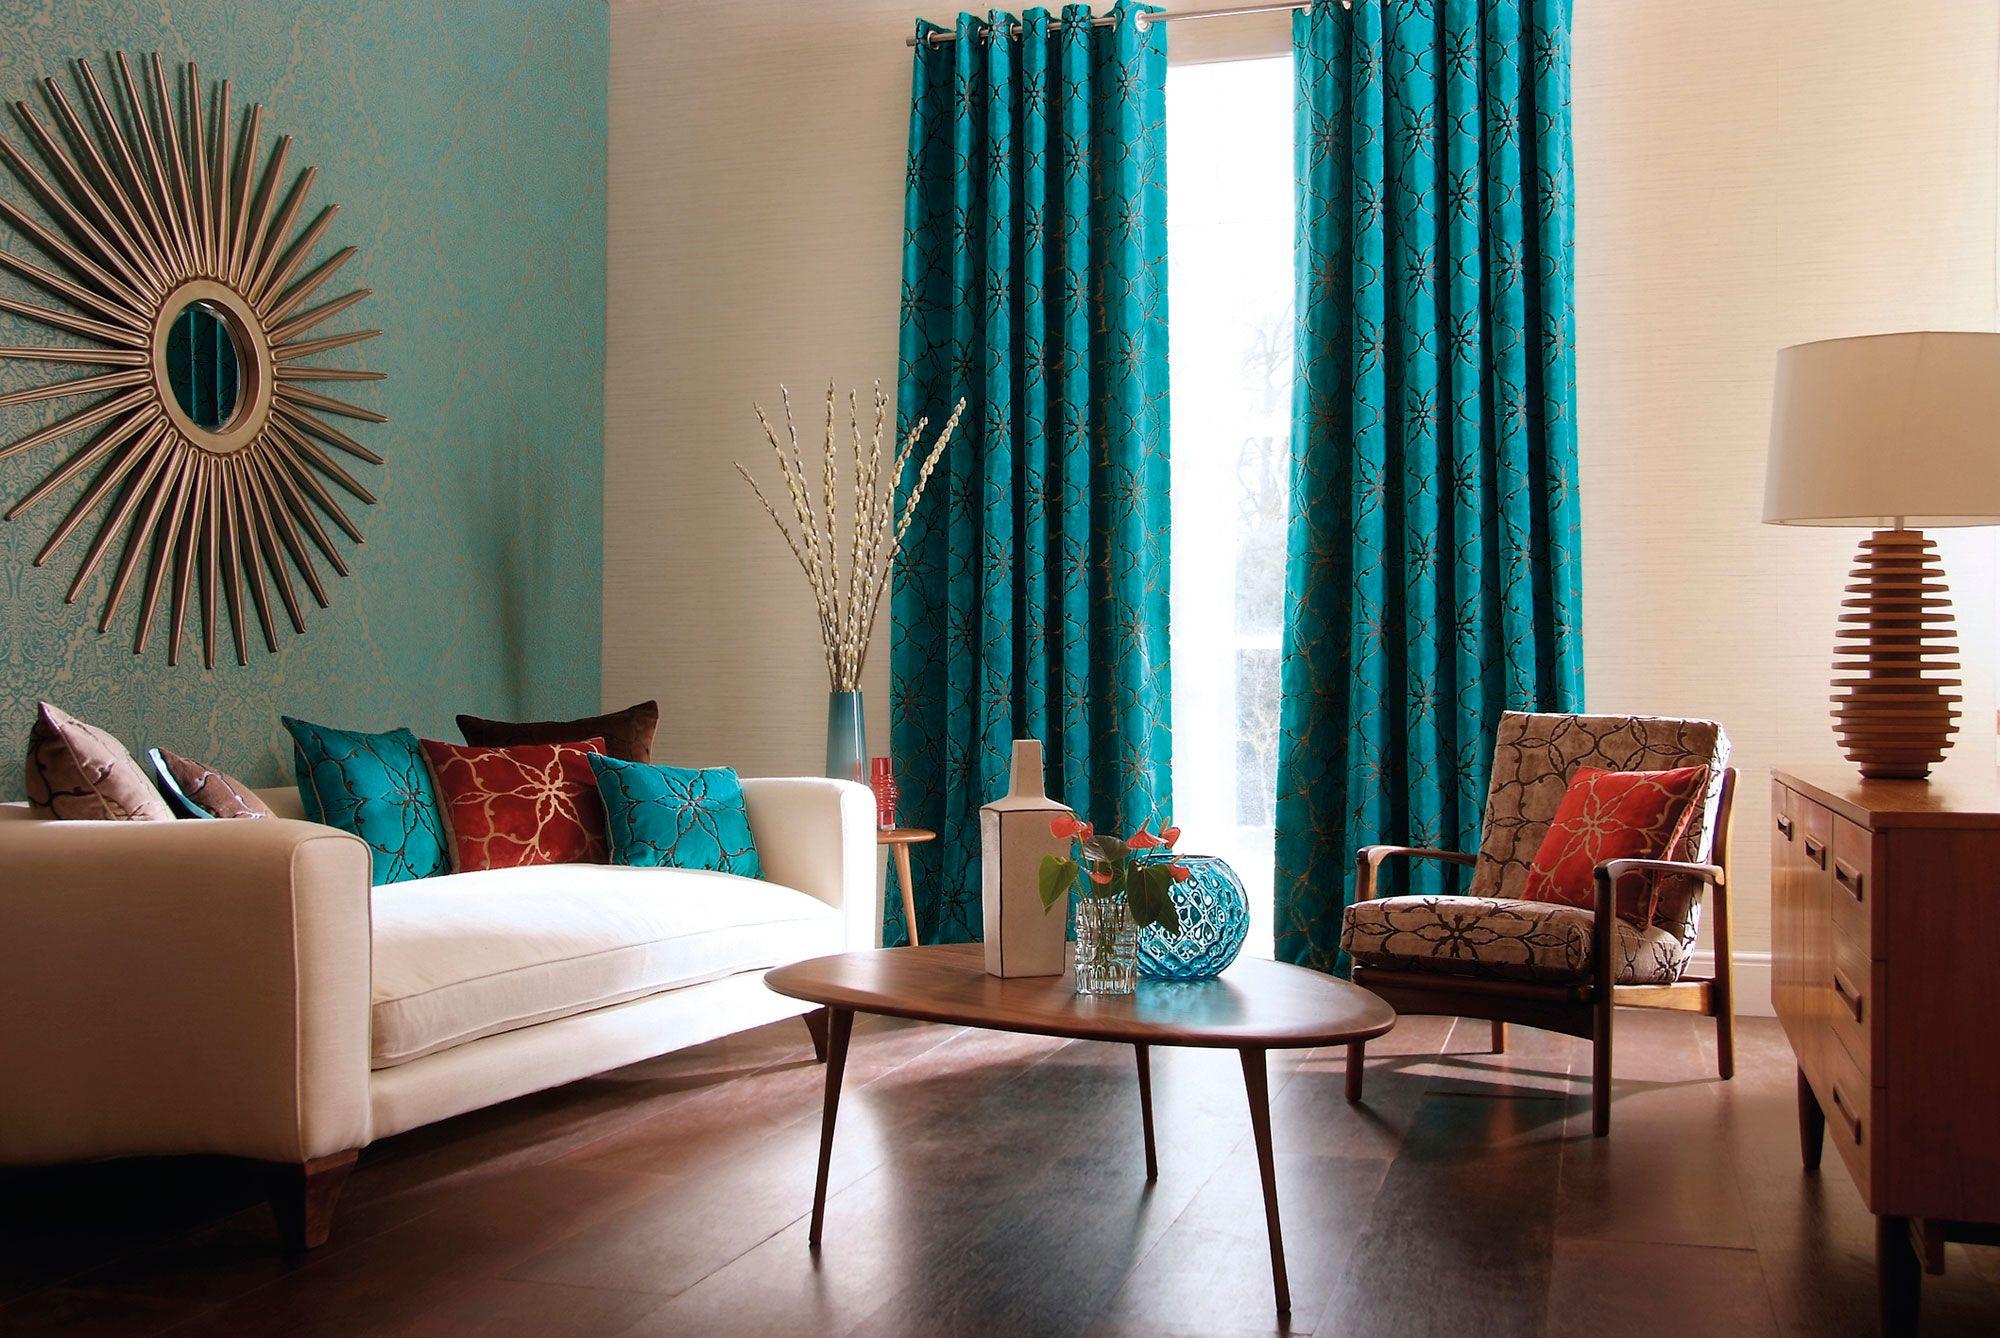 Choisissez les couleurs et mettez en valeur les espaces